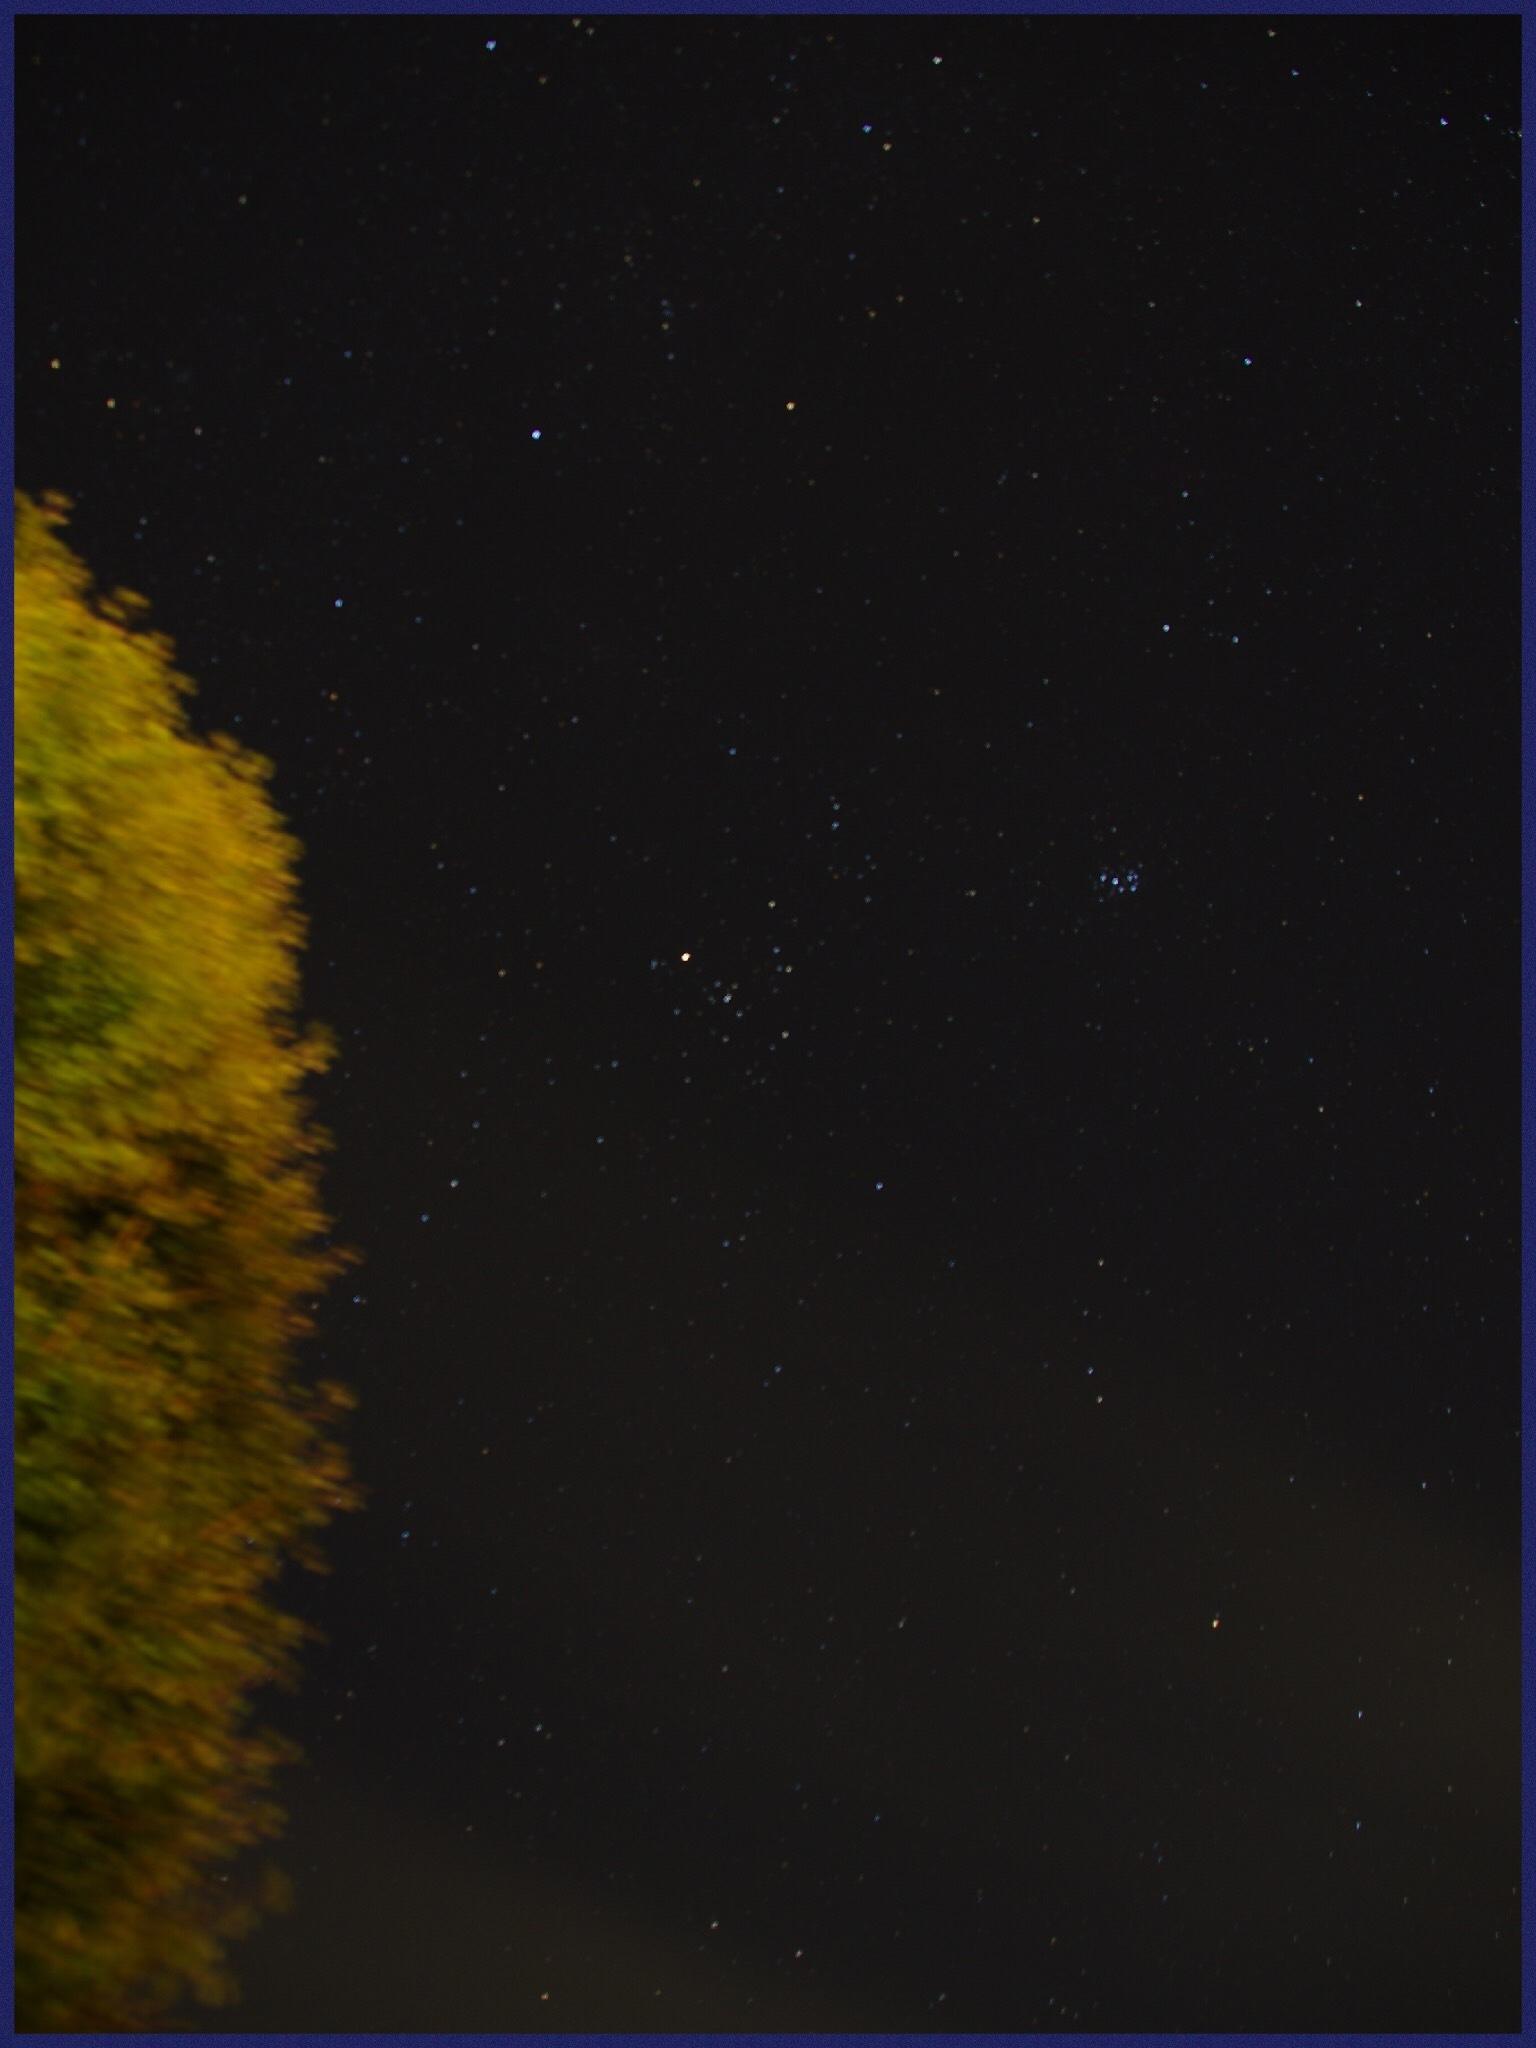 熱海 東急ハーヴェスト熱海伊豆山 アストロトレーサー ペンタックス 星空